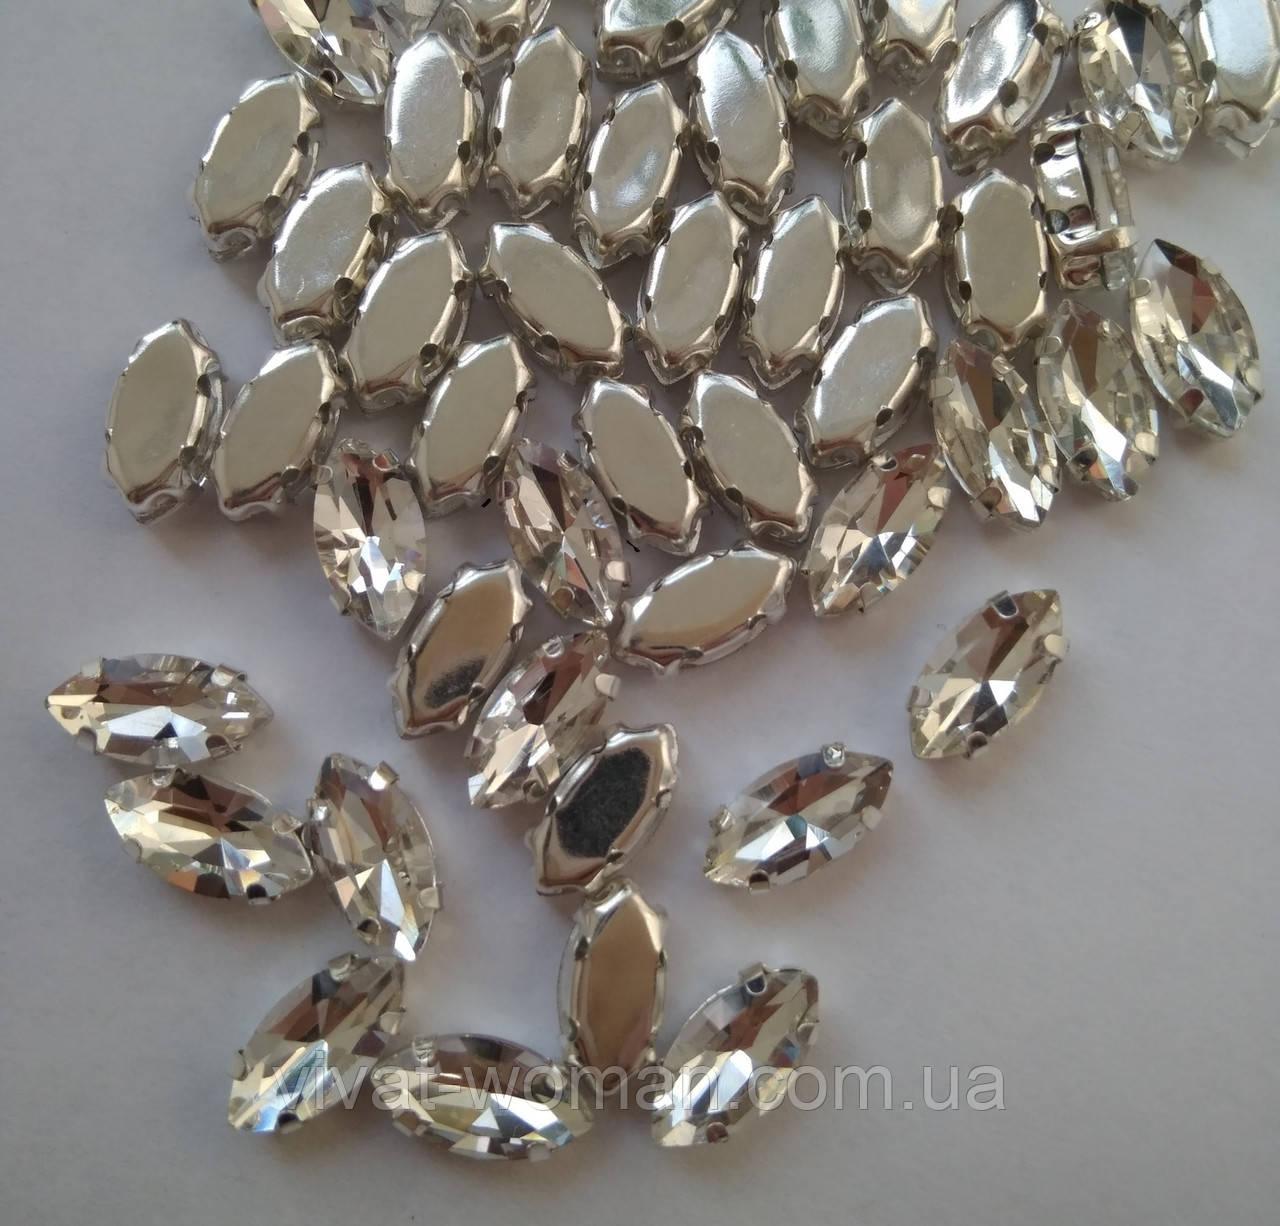 Стразы в цапах, Лодочка 7х15 мм, Crystal, стекло, серебряная оправа. Цена за 1 шт